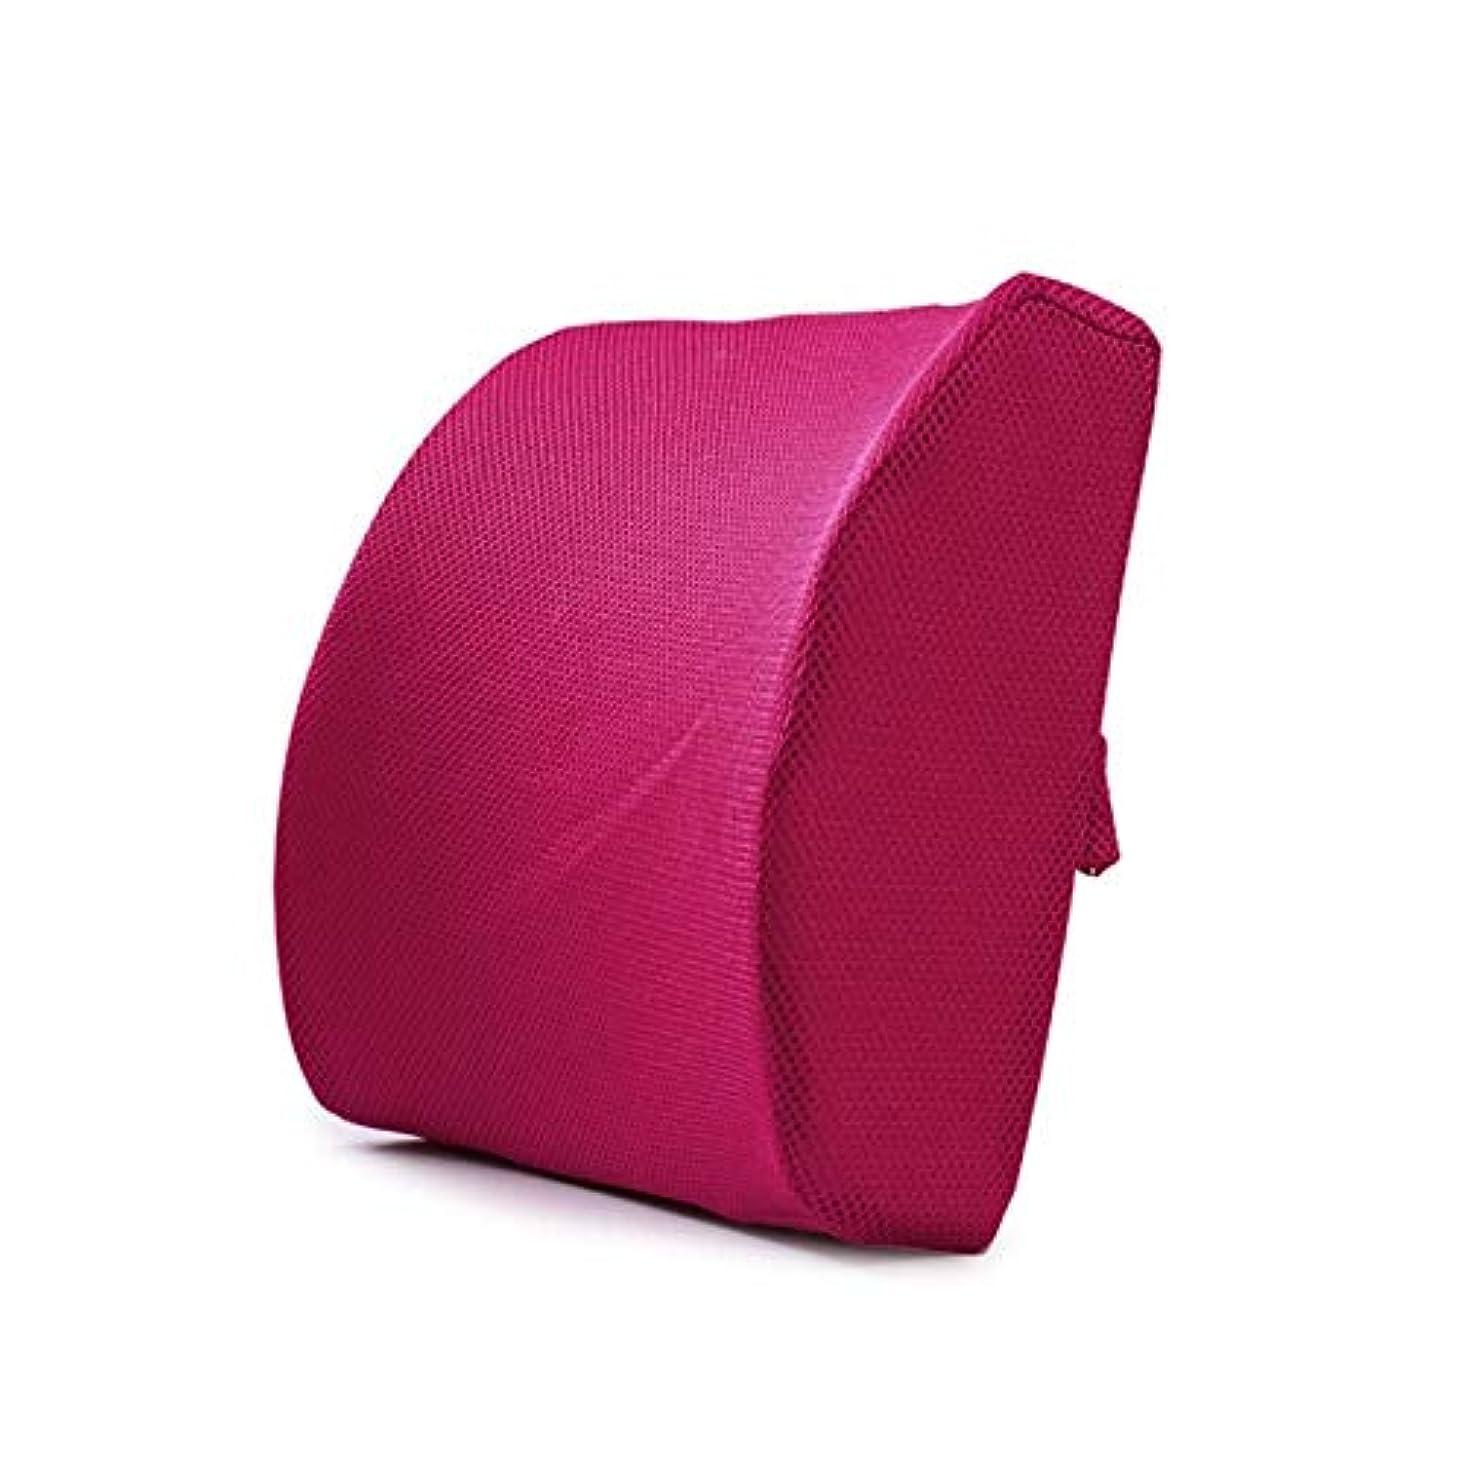 休憩蚊いたずらなLIFE ホームオフィス背もたれ椅子腰椎クッションカーシートネック枕 3D 低反発サポートバックマッサージウエストレスリビング枕 クッション 椅子